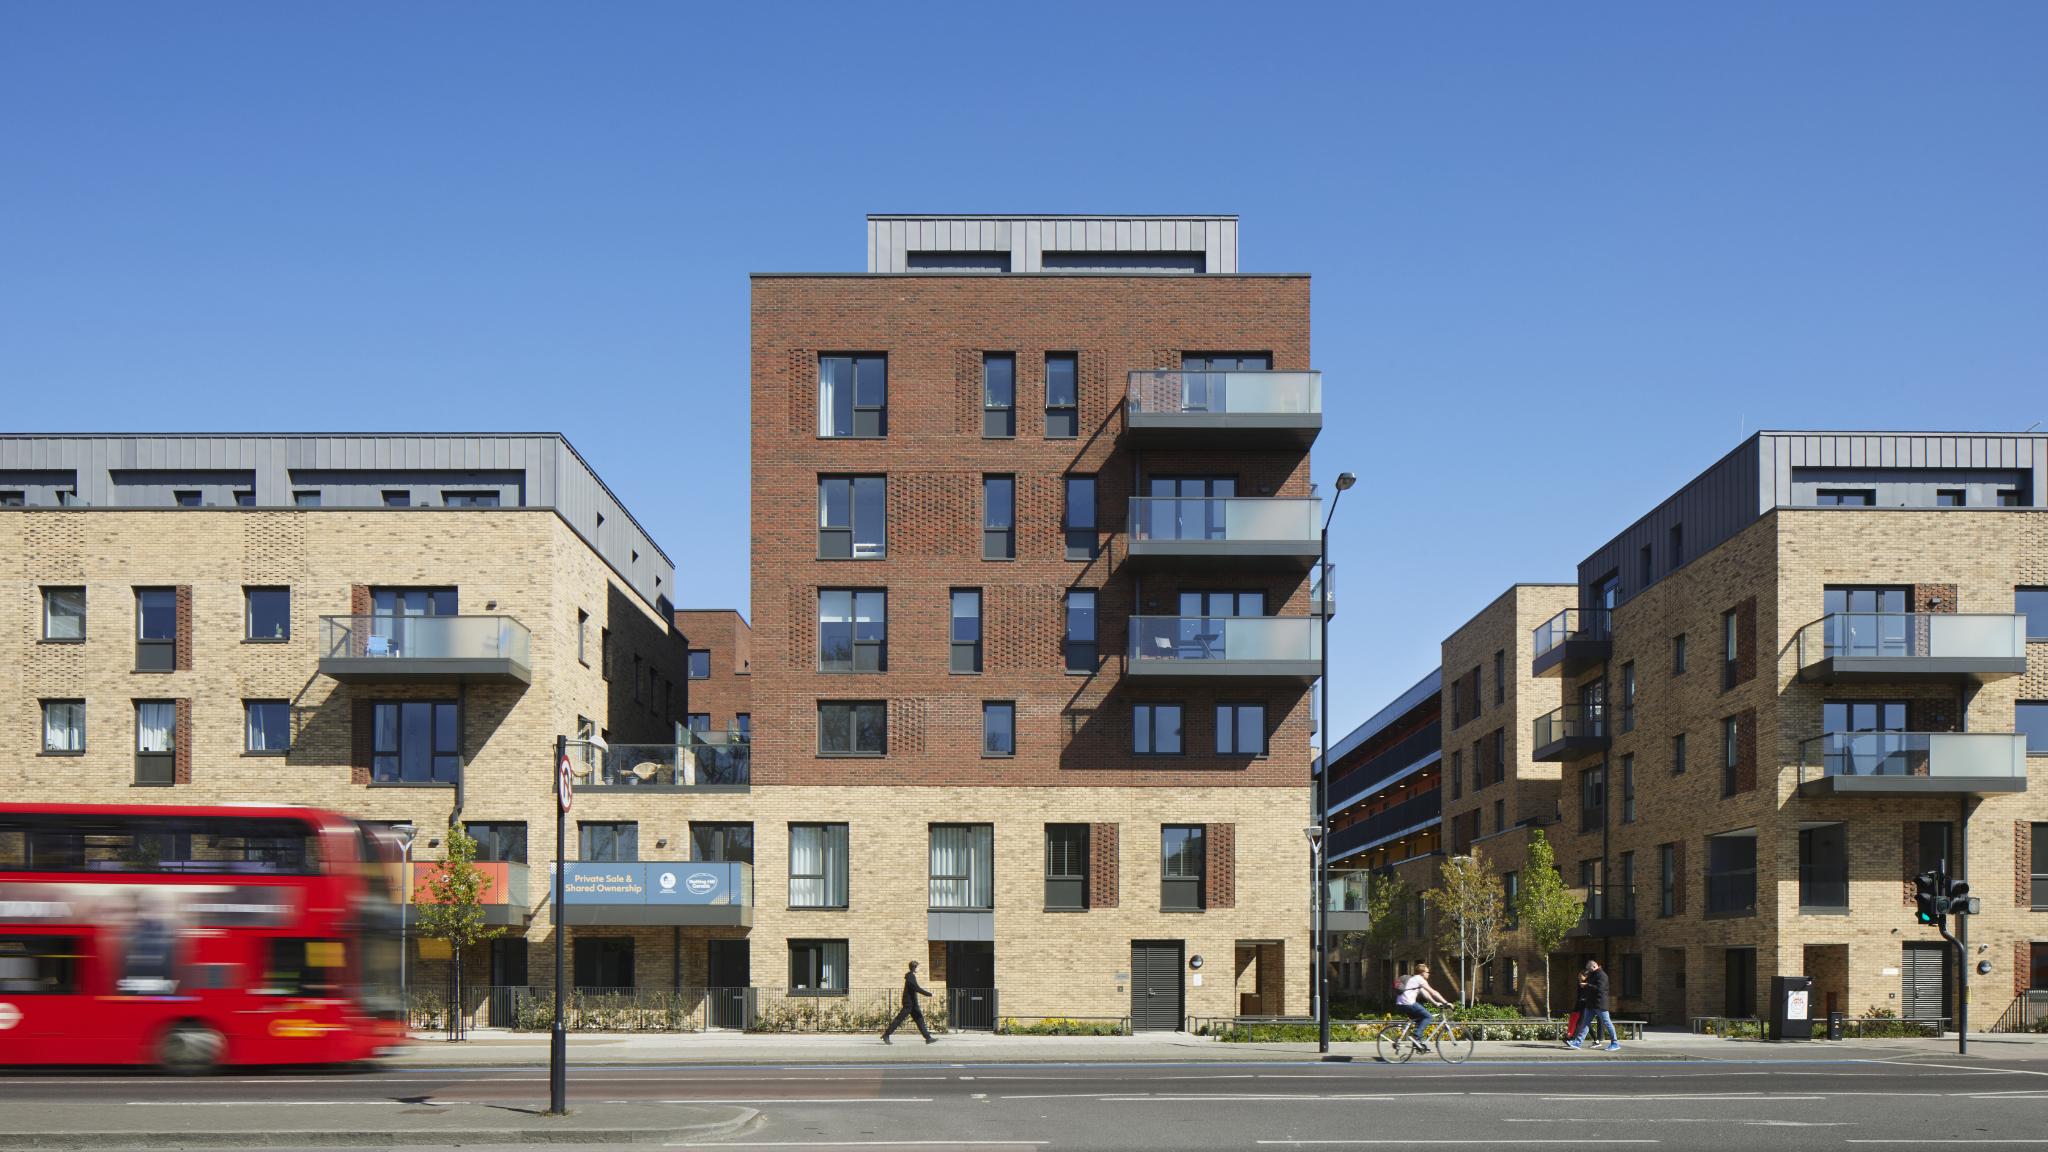 Peckham Place